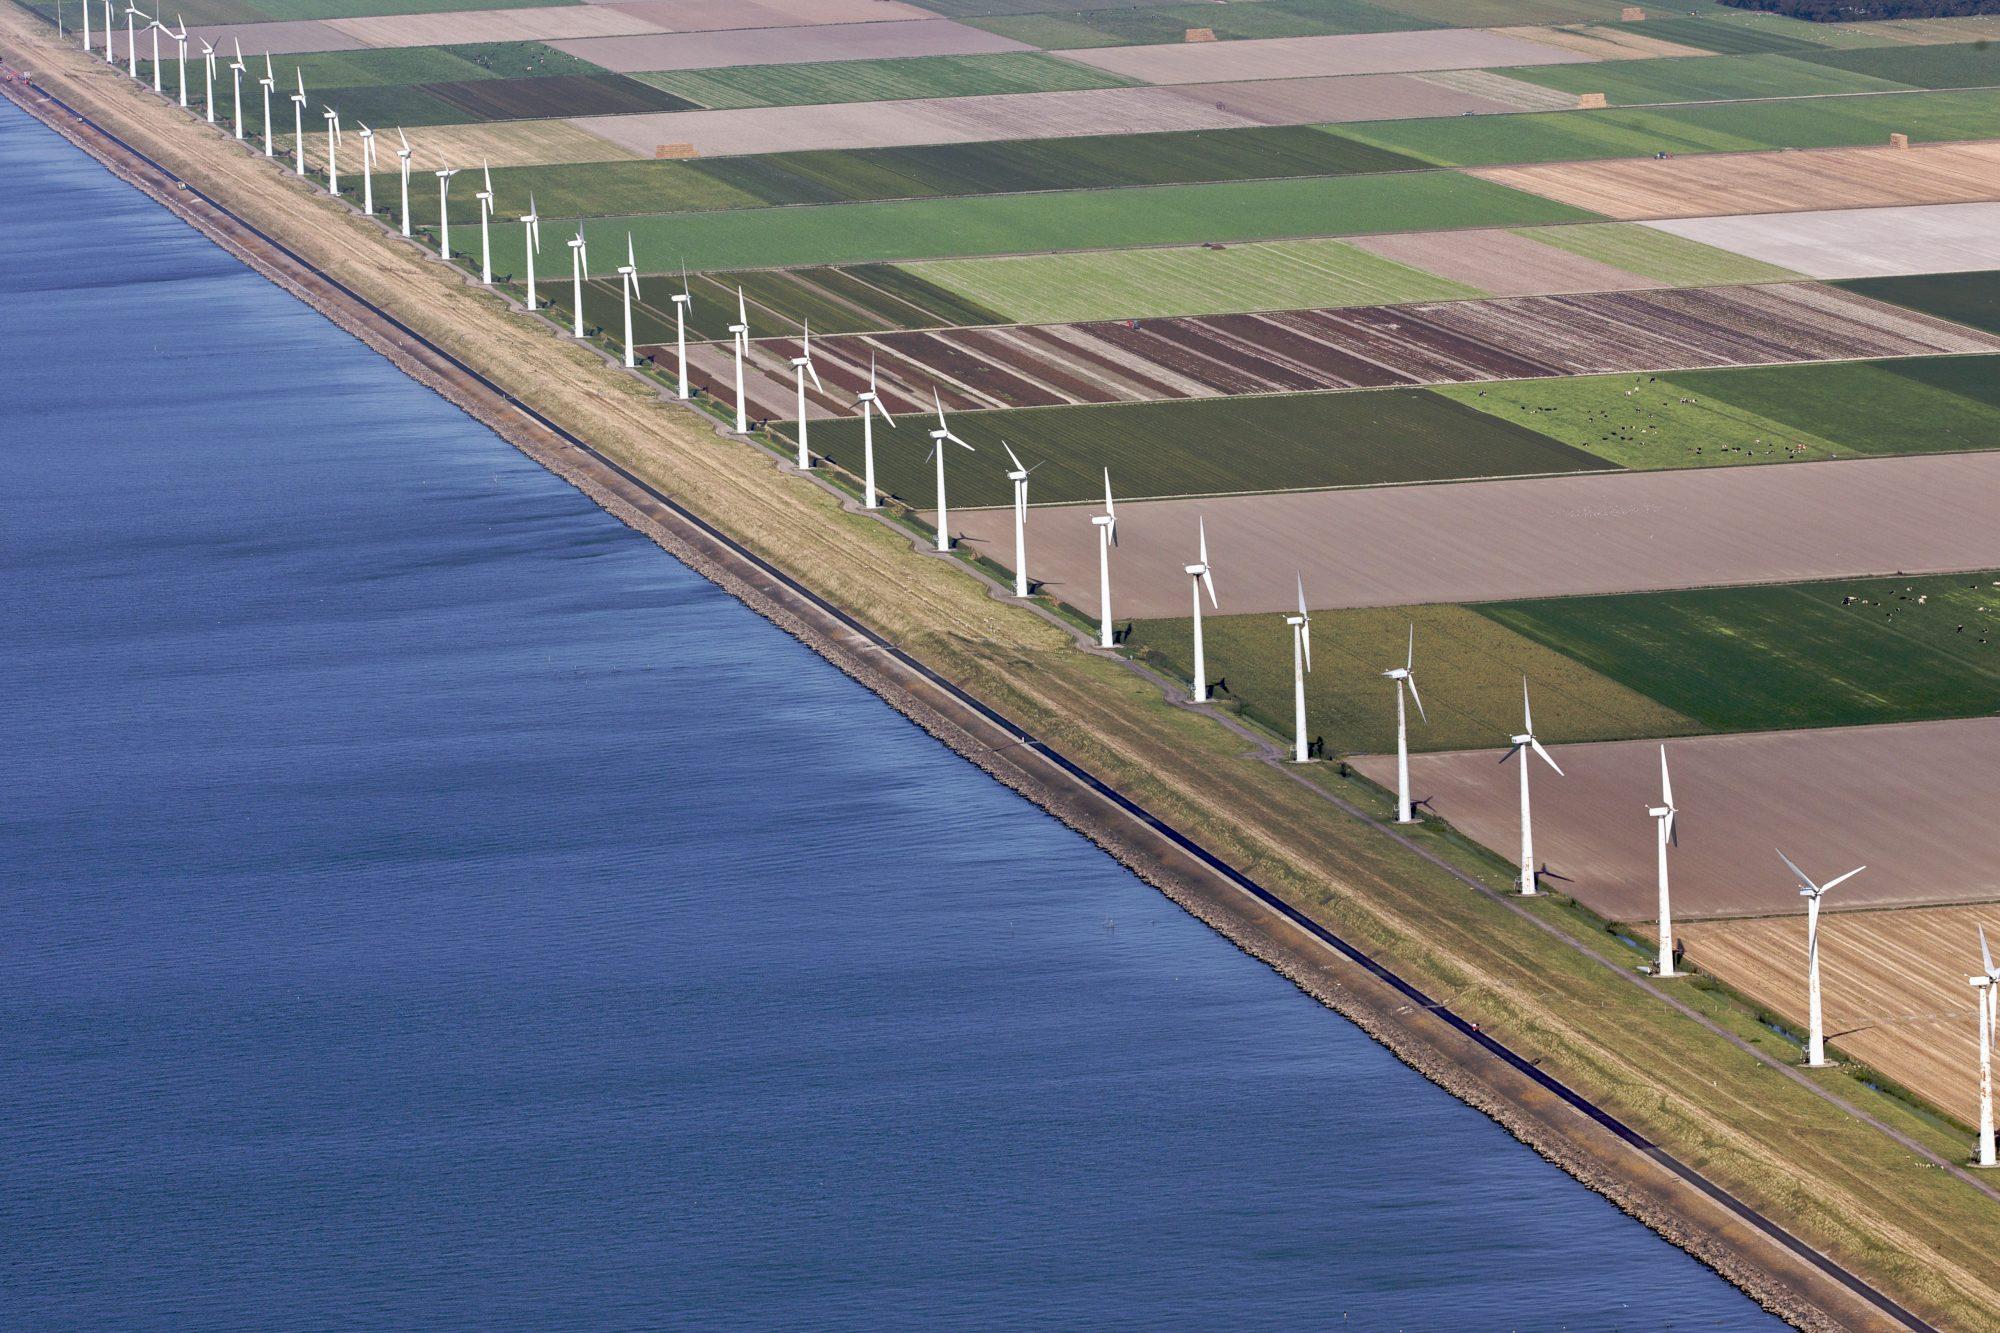 Urk, 19-09-2009. Windmolens langs het IJsselmeer ten noorden van Urk.